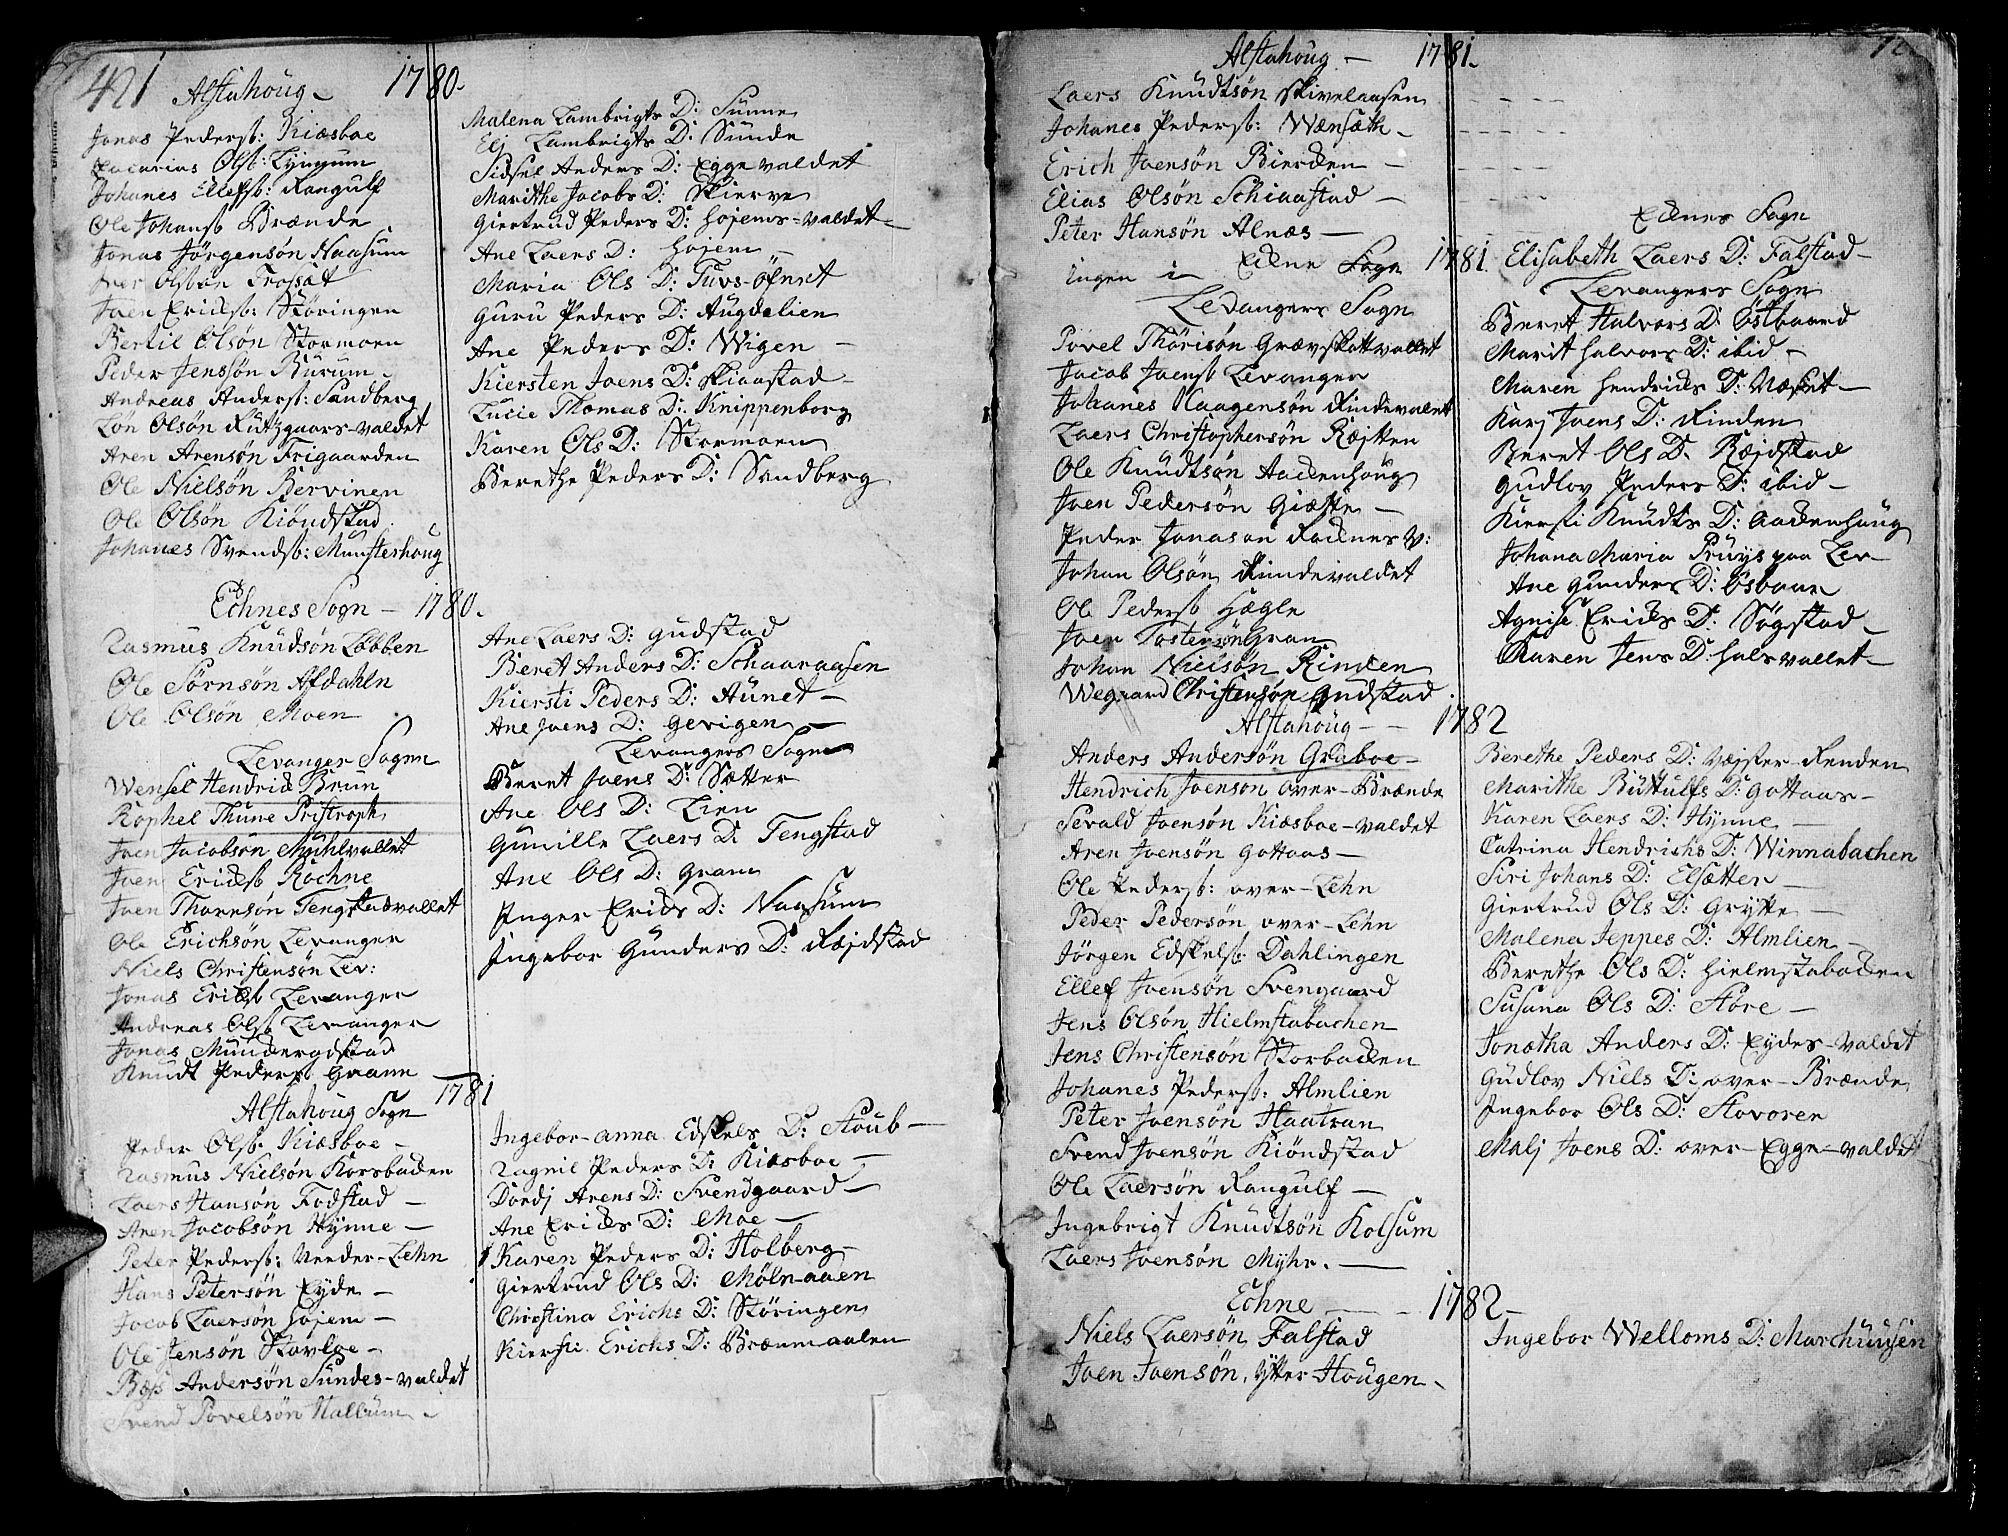 SAT, Ministerialprotokoller, klokkerbøker og fødselsregistre - Nord-Trøndelag, 717/L0141: Ministerialbok nr. 717A01, 1747-1803, s. 421-422